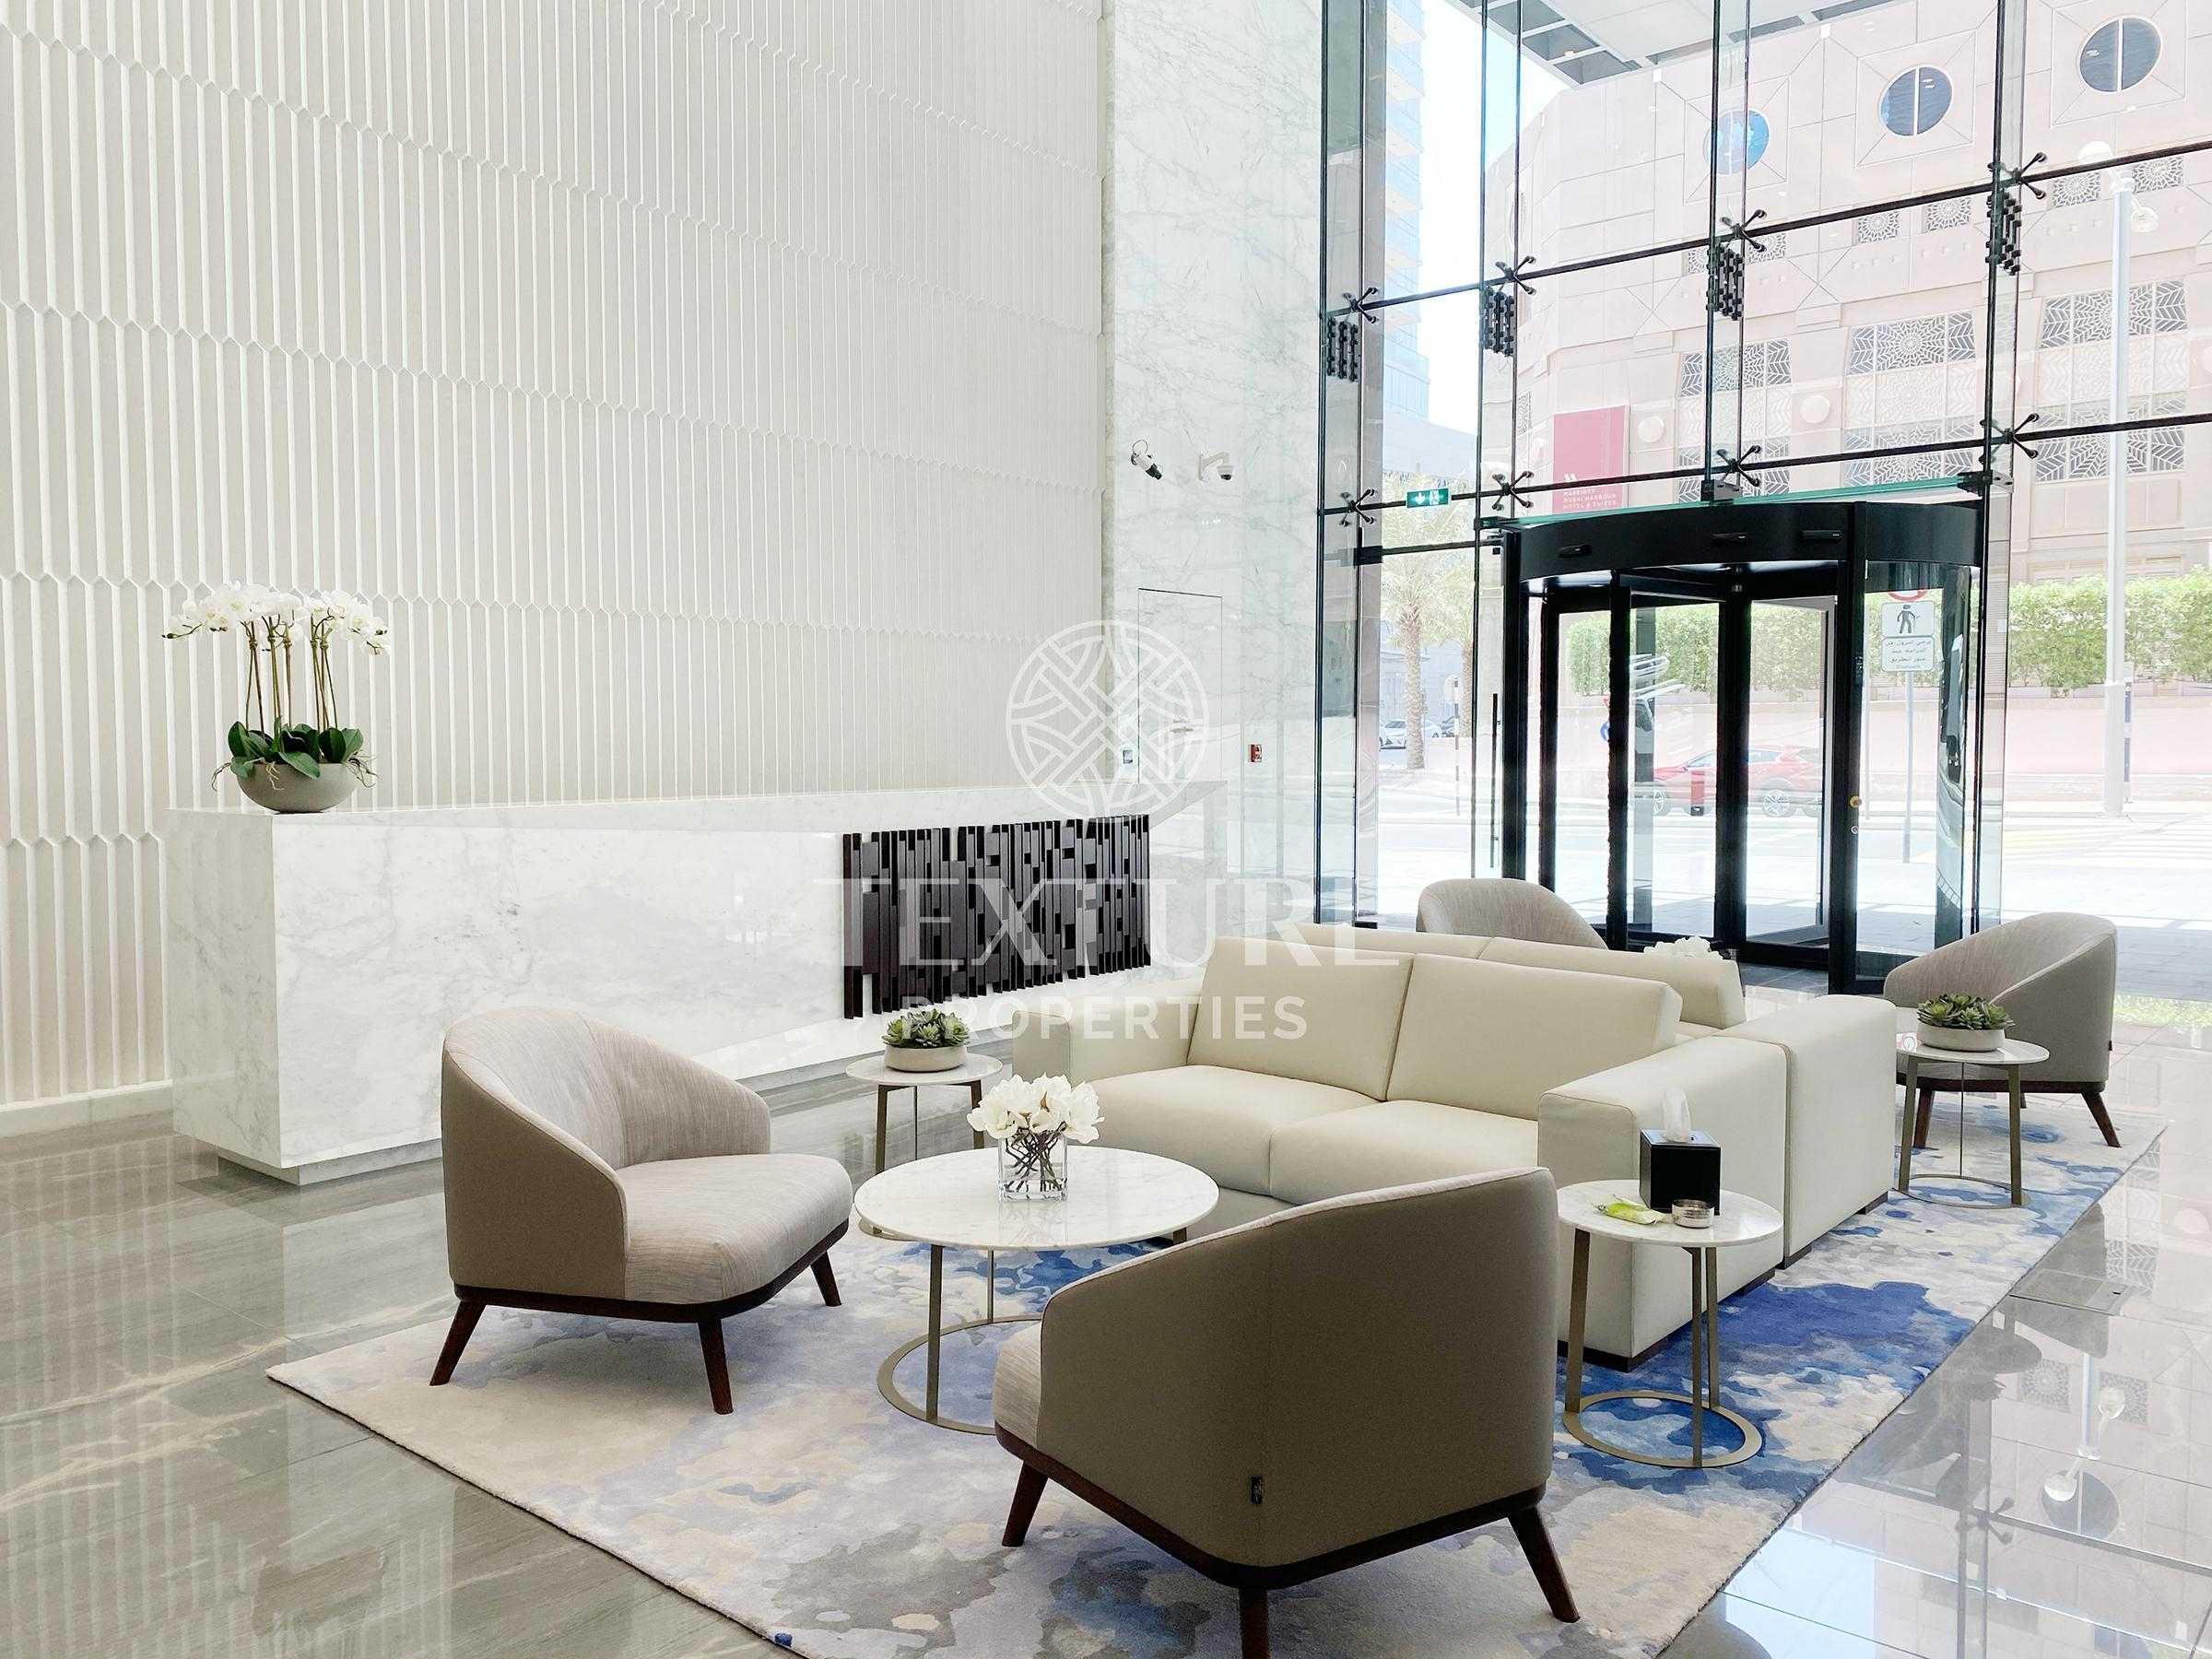 Brand New | Ready to Move-In | 1 Bedroom | Dubai Marina